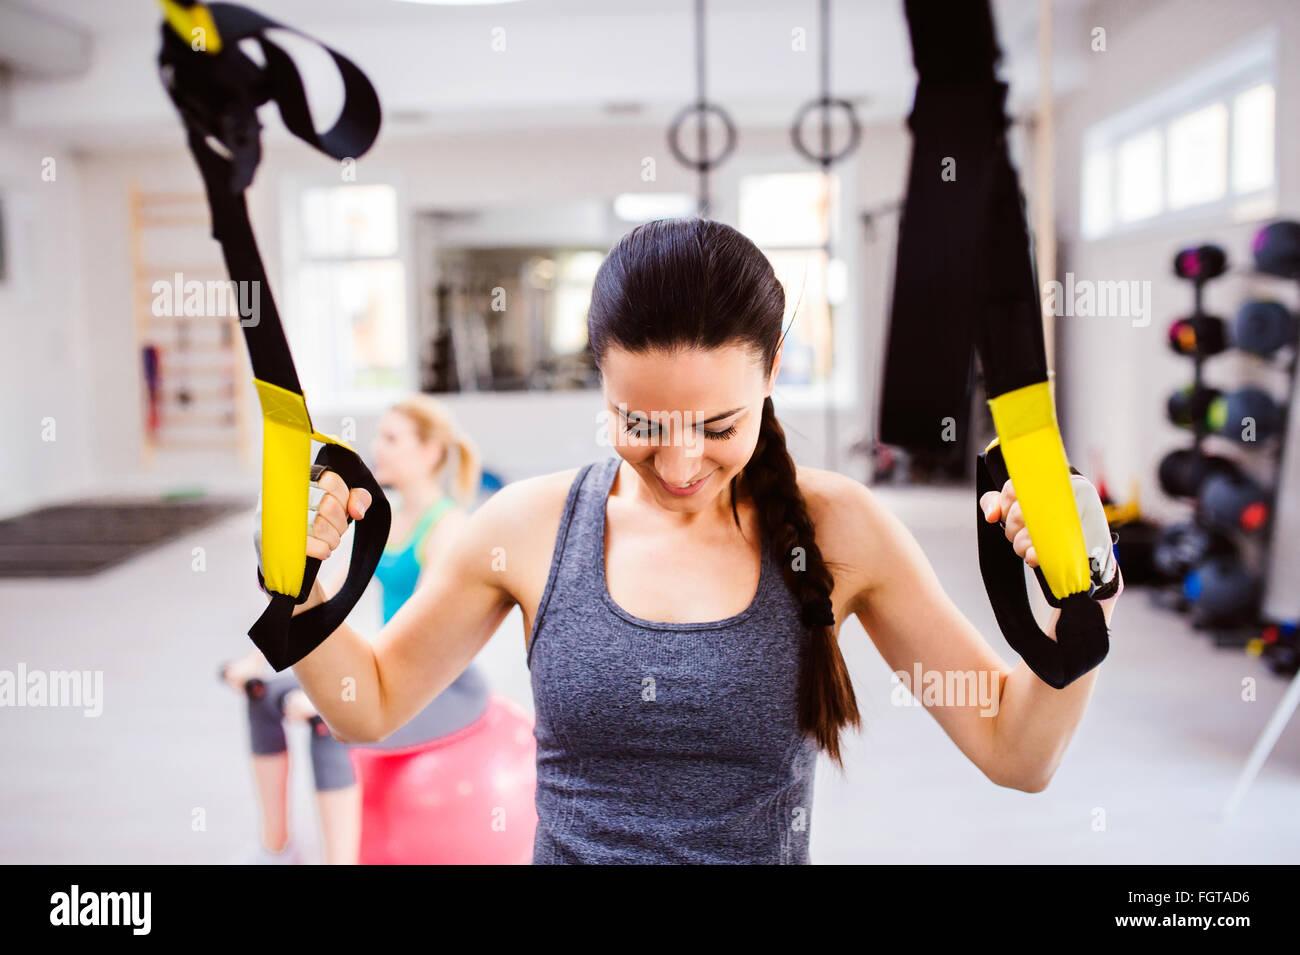 Mujer en el gimnasio entrenamiento brazos con tiras de fitness trx Foto de stock